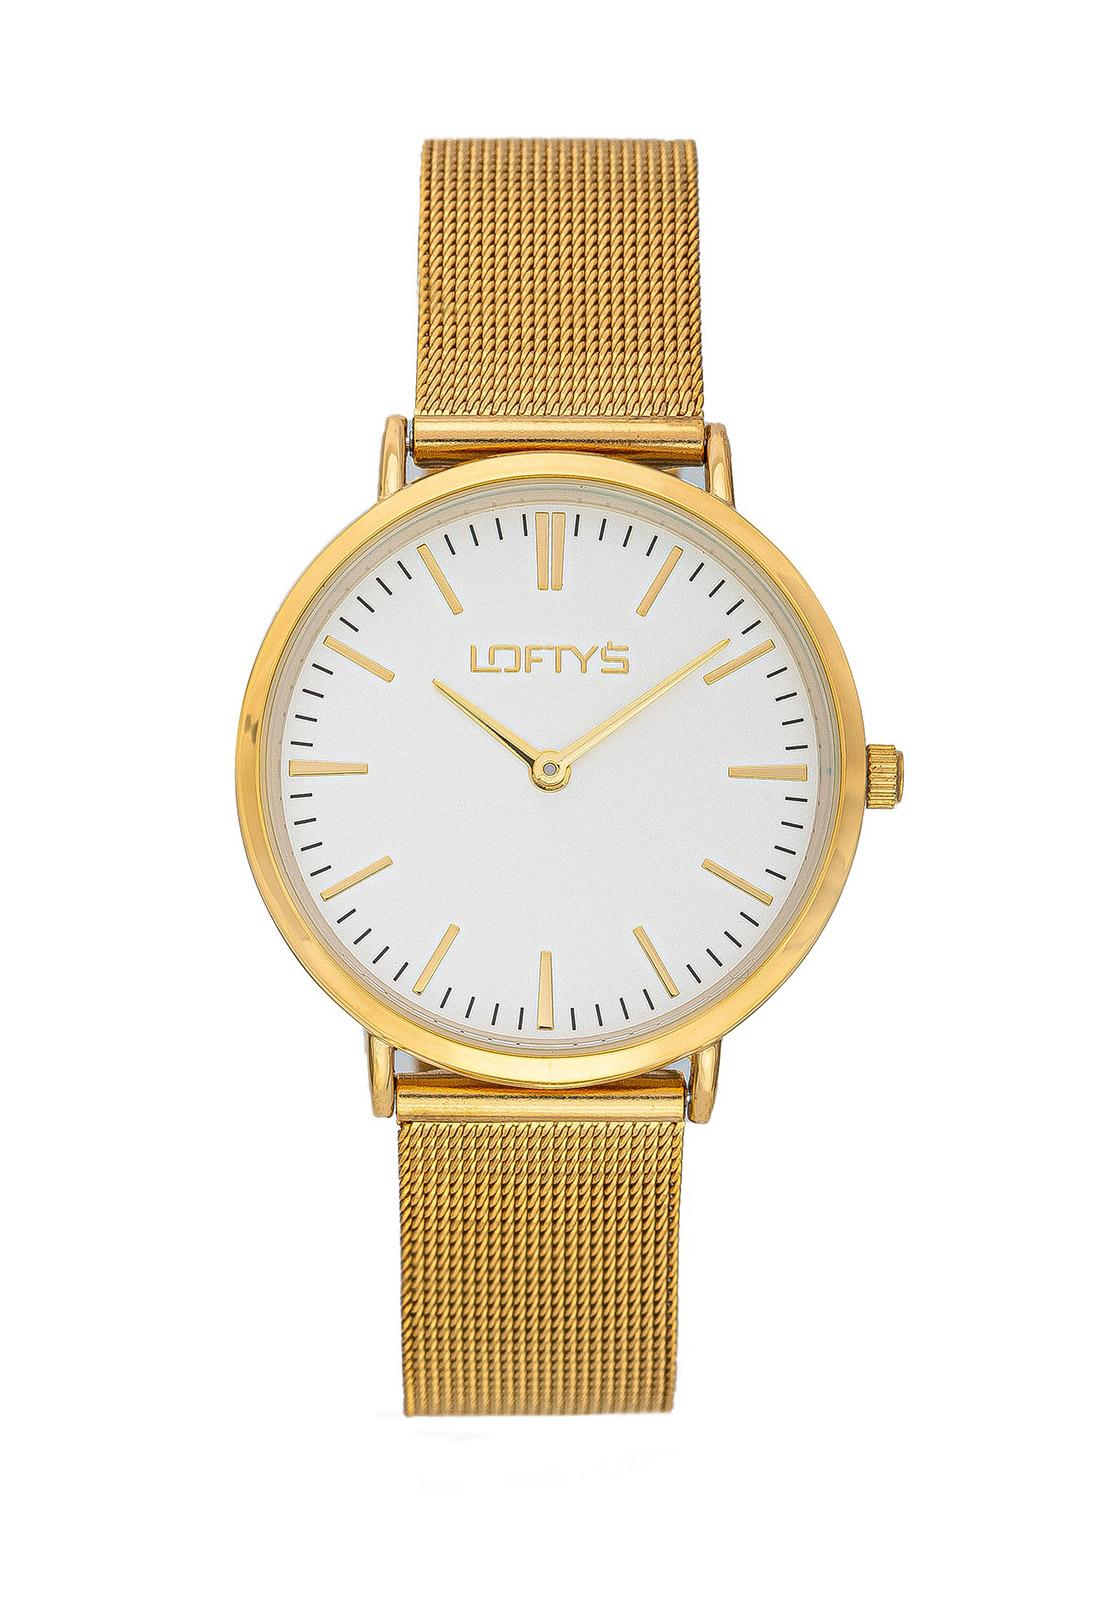 Ρολόι Loftys Corona Χρυσό Μπρασλέ Λευκό Καντράν Y2016-22